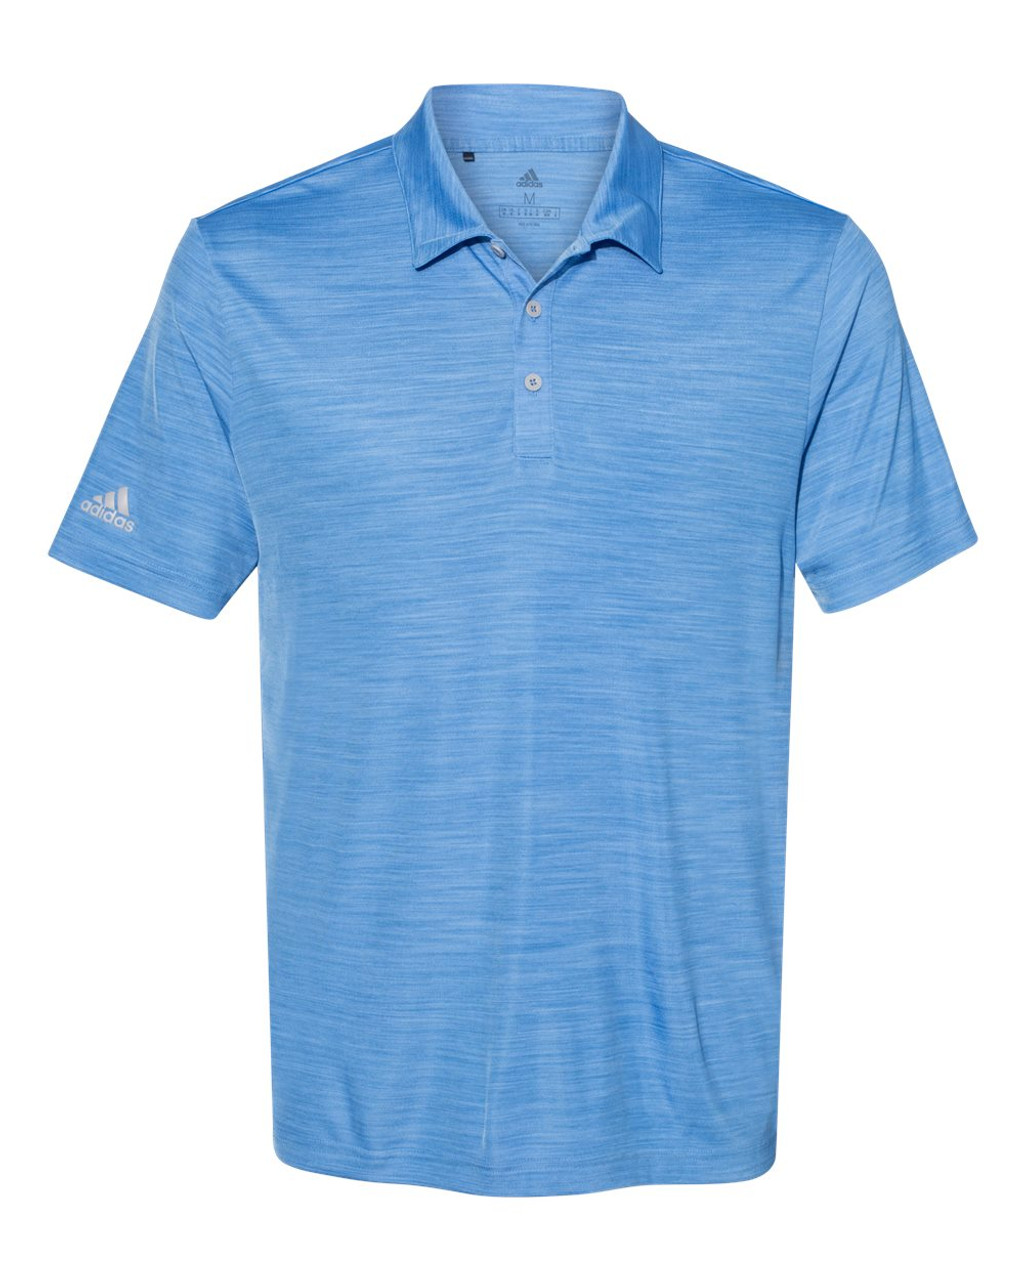 A402 Adidas Mélange Sport Shirt | T-shirt.ca